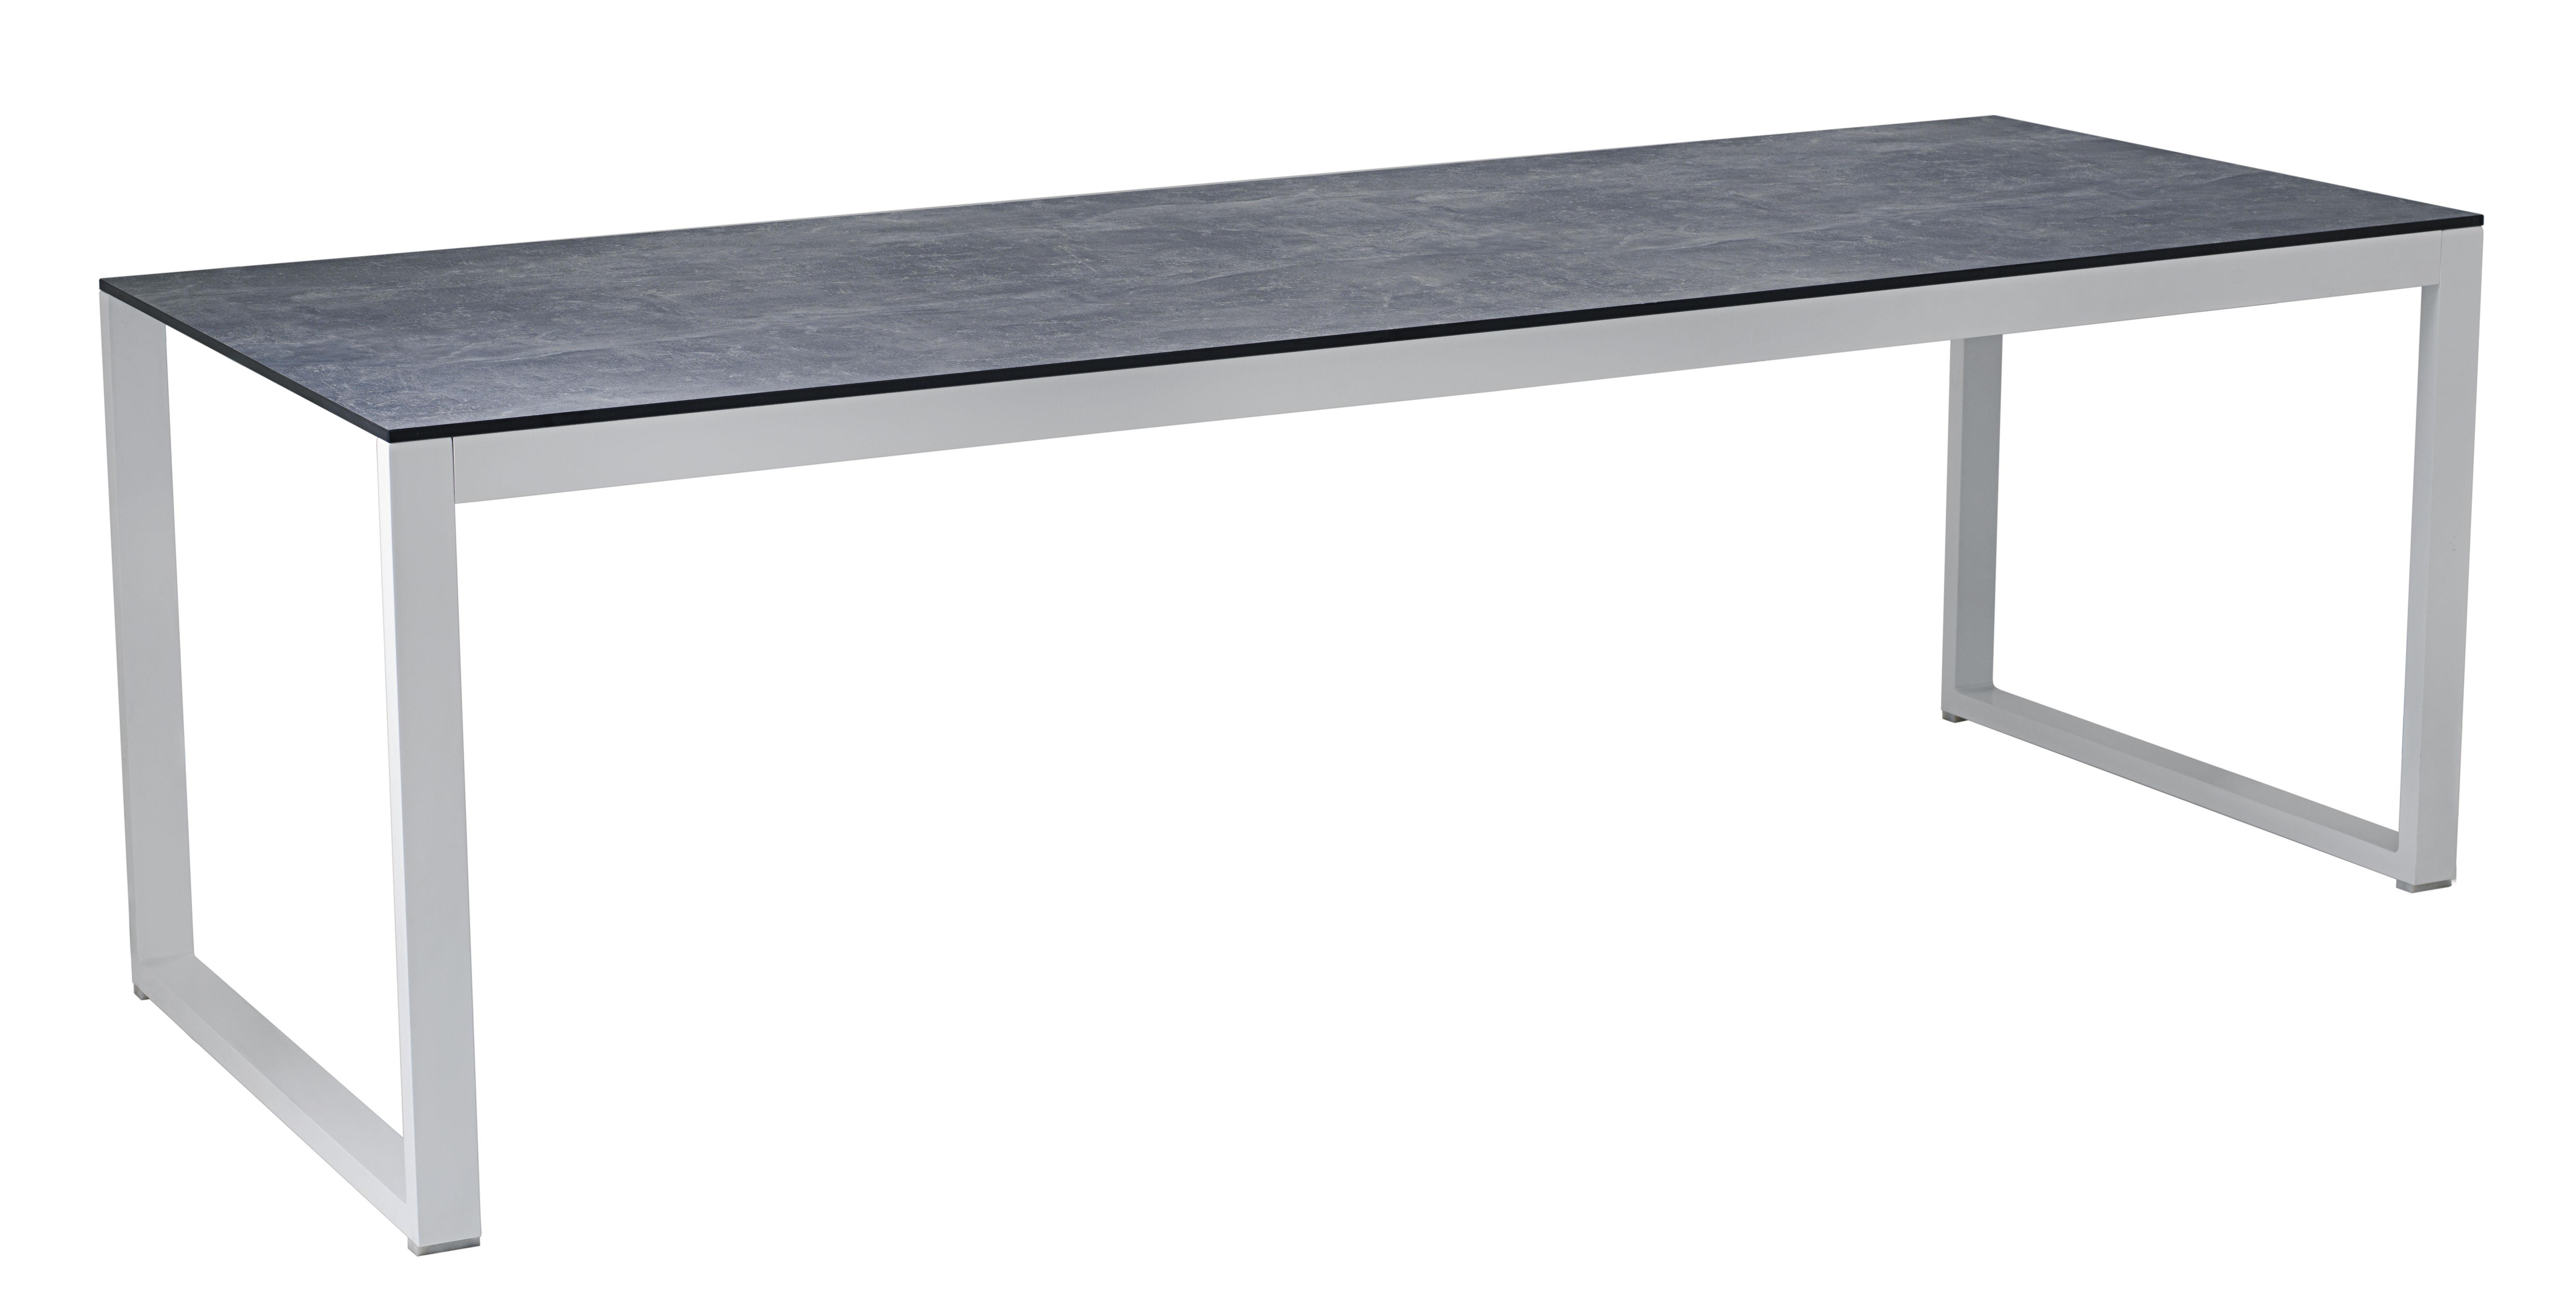 Table rectangulaire Perspective / 240 x 90 cm - Effet béton - Vlaemynck gris en métal/pierre